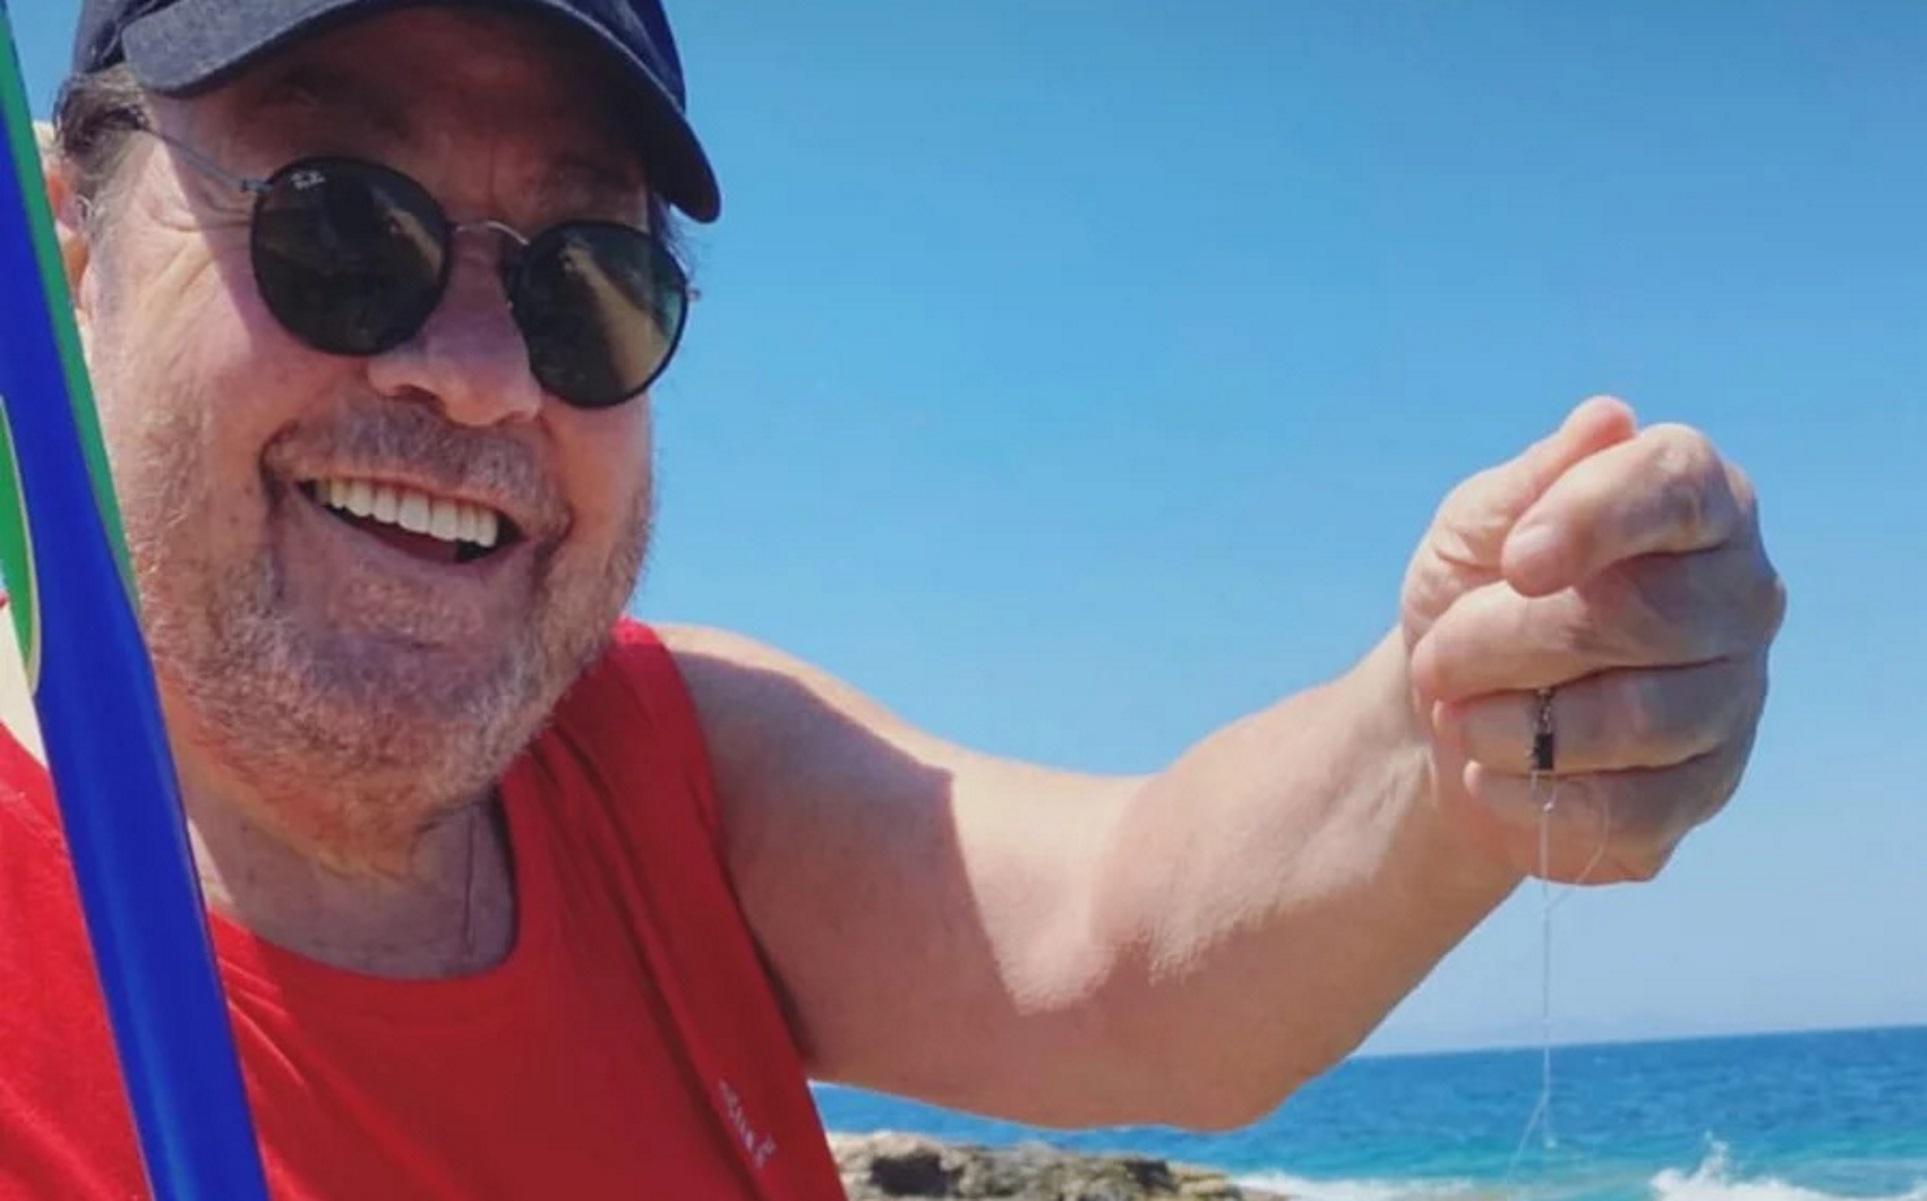 Γιάννης Πάριος: Στην Πάρο για ψάρεμα με τον γιο του Μιχαήλ Άγγελο (pics)